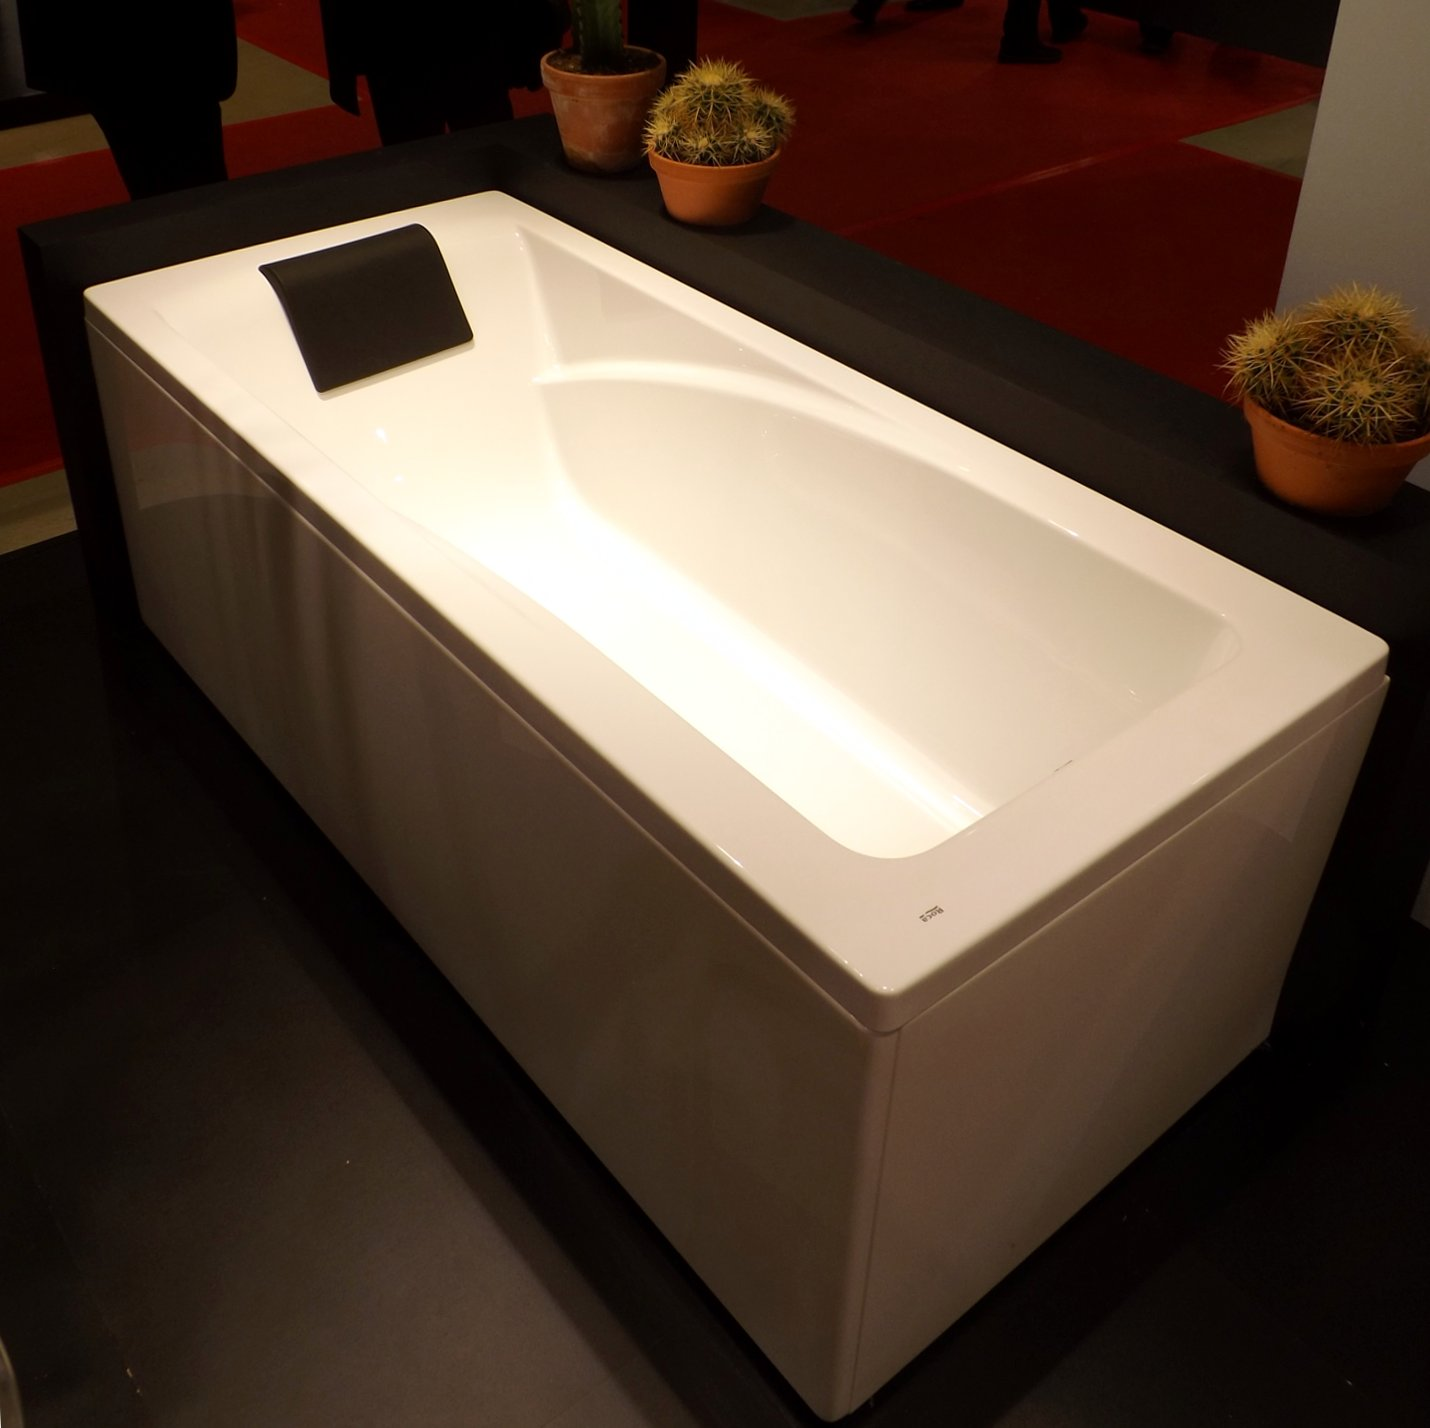 Ванна с оборудованием для гидромассажных процедур на международной строительной выставке «МосБилд»